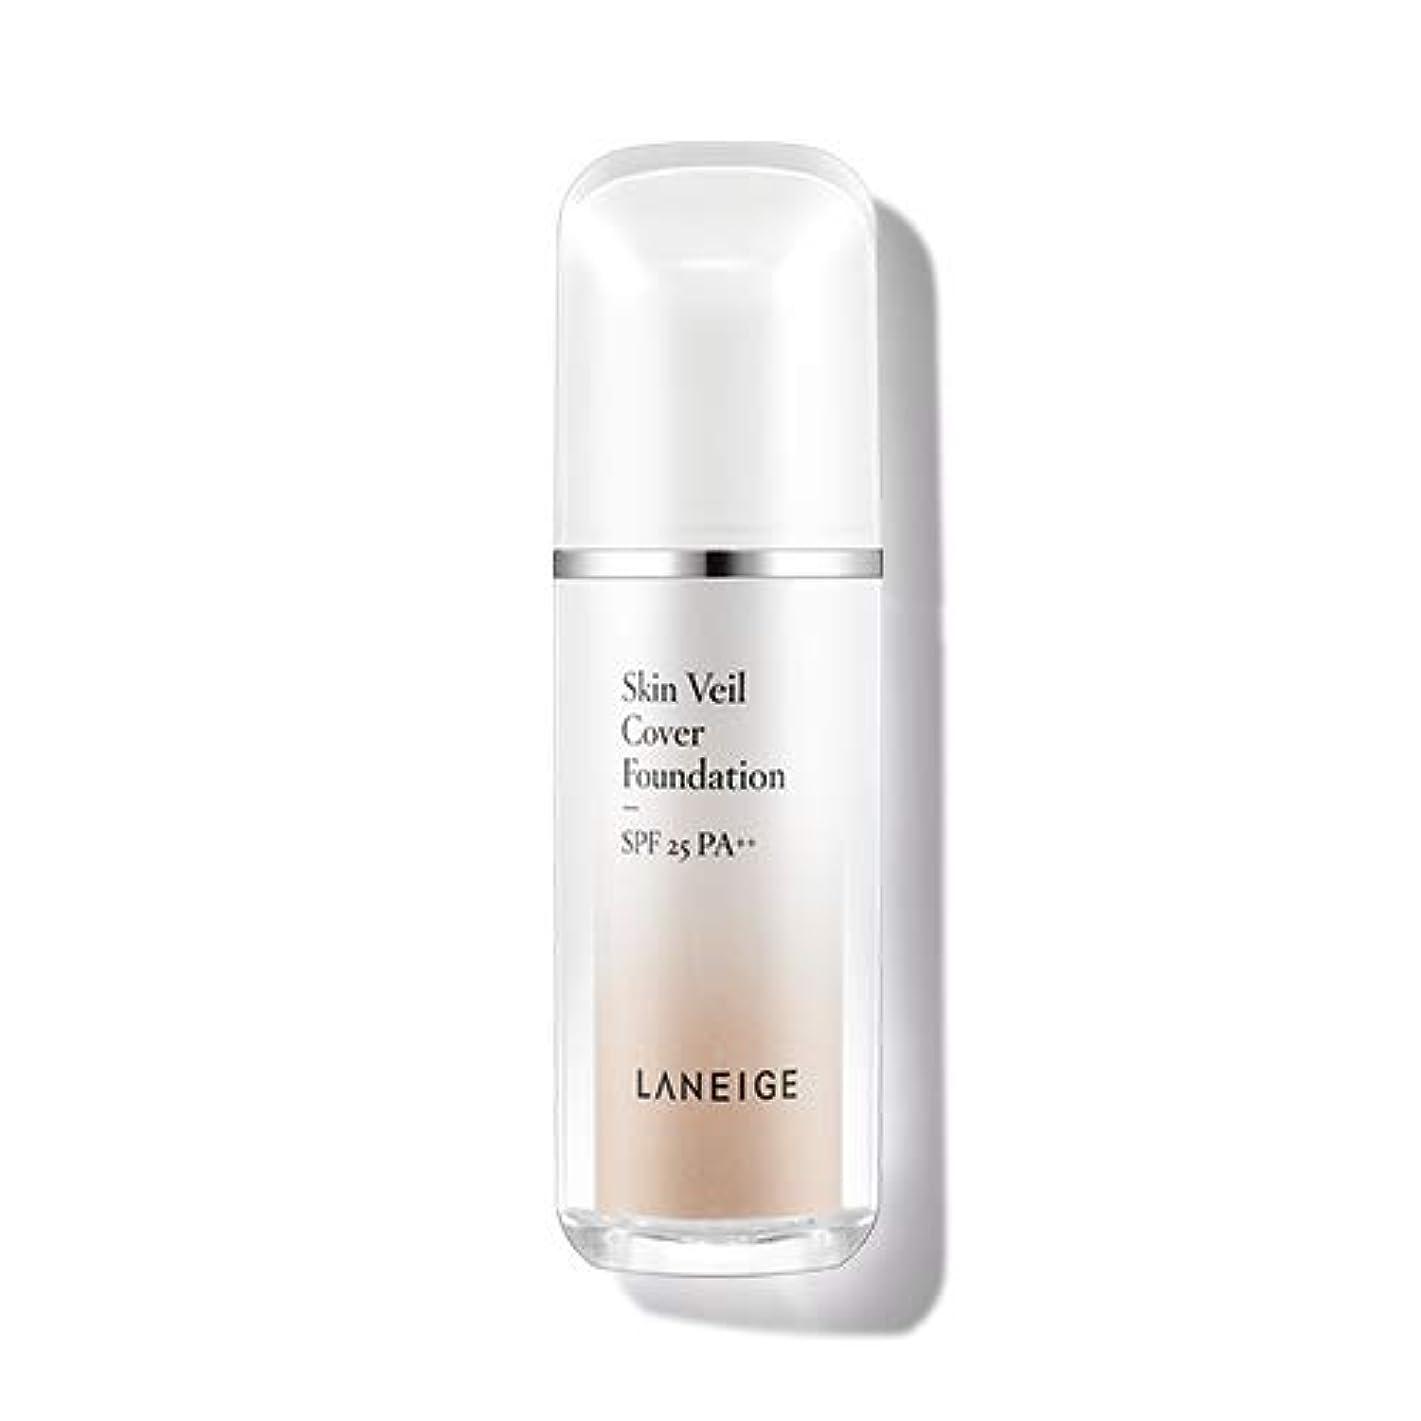 荒涼とした臭いハッチラネージュ(LANEIGE) スキンベールカバー?ファンデーション Skin Veil Cover Foundation 30ml (No.21 Beige)